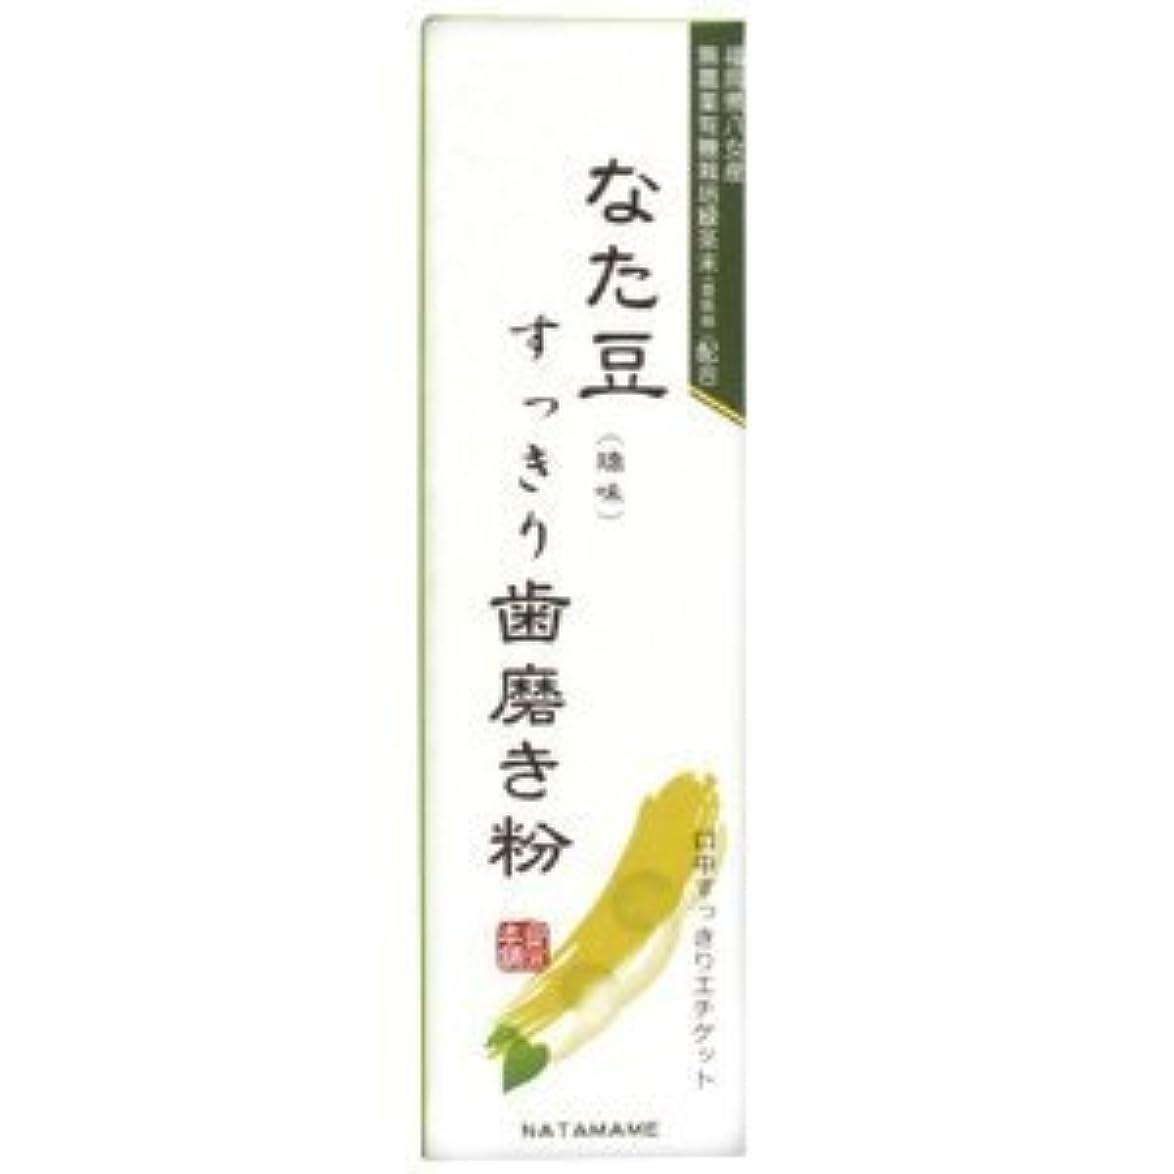 絶対の貧困その後なた豆すっきり歯磨き粉(120g)2本セット